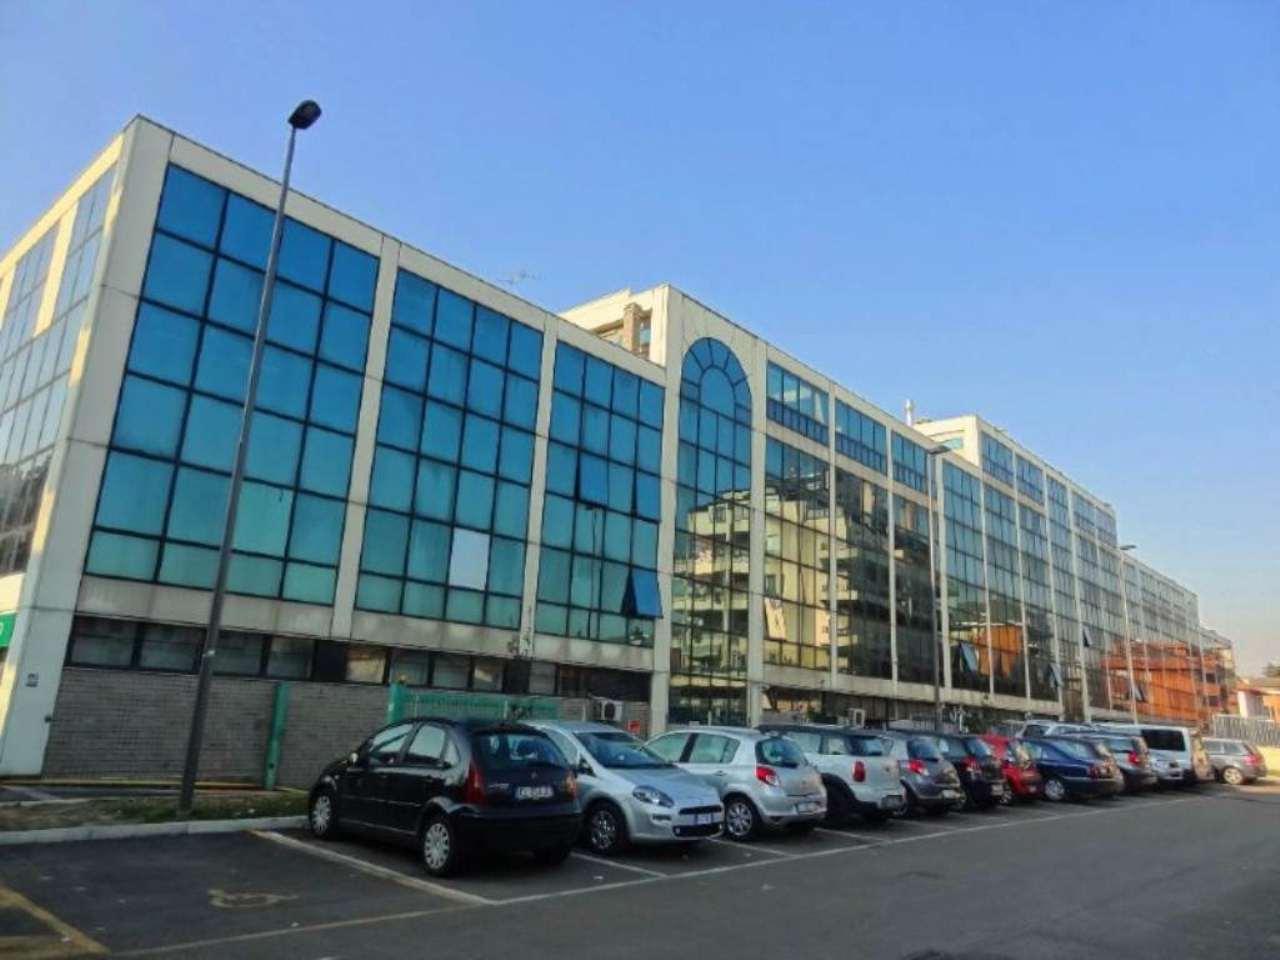 Ufficio-studio in Vendita a Bresso Centro: 360 mq